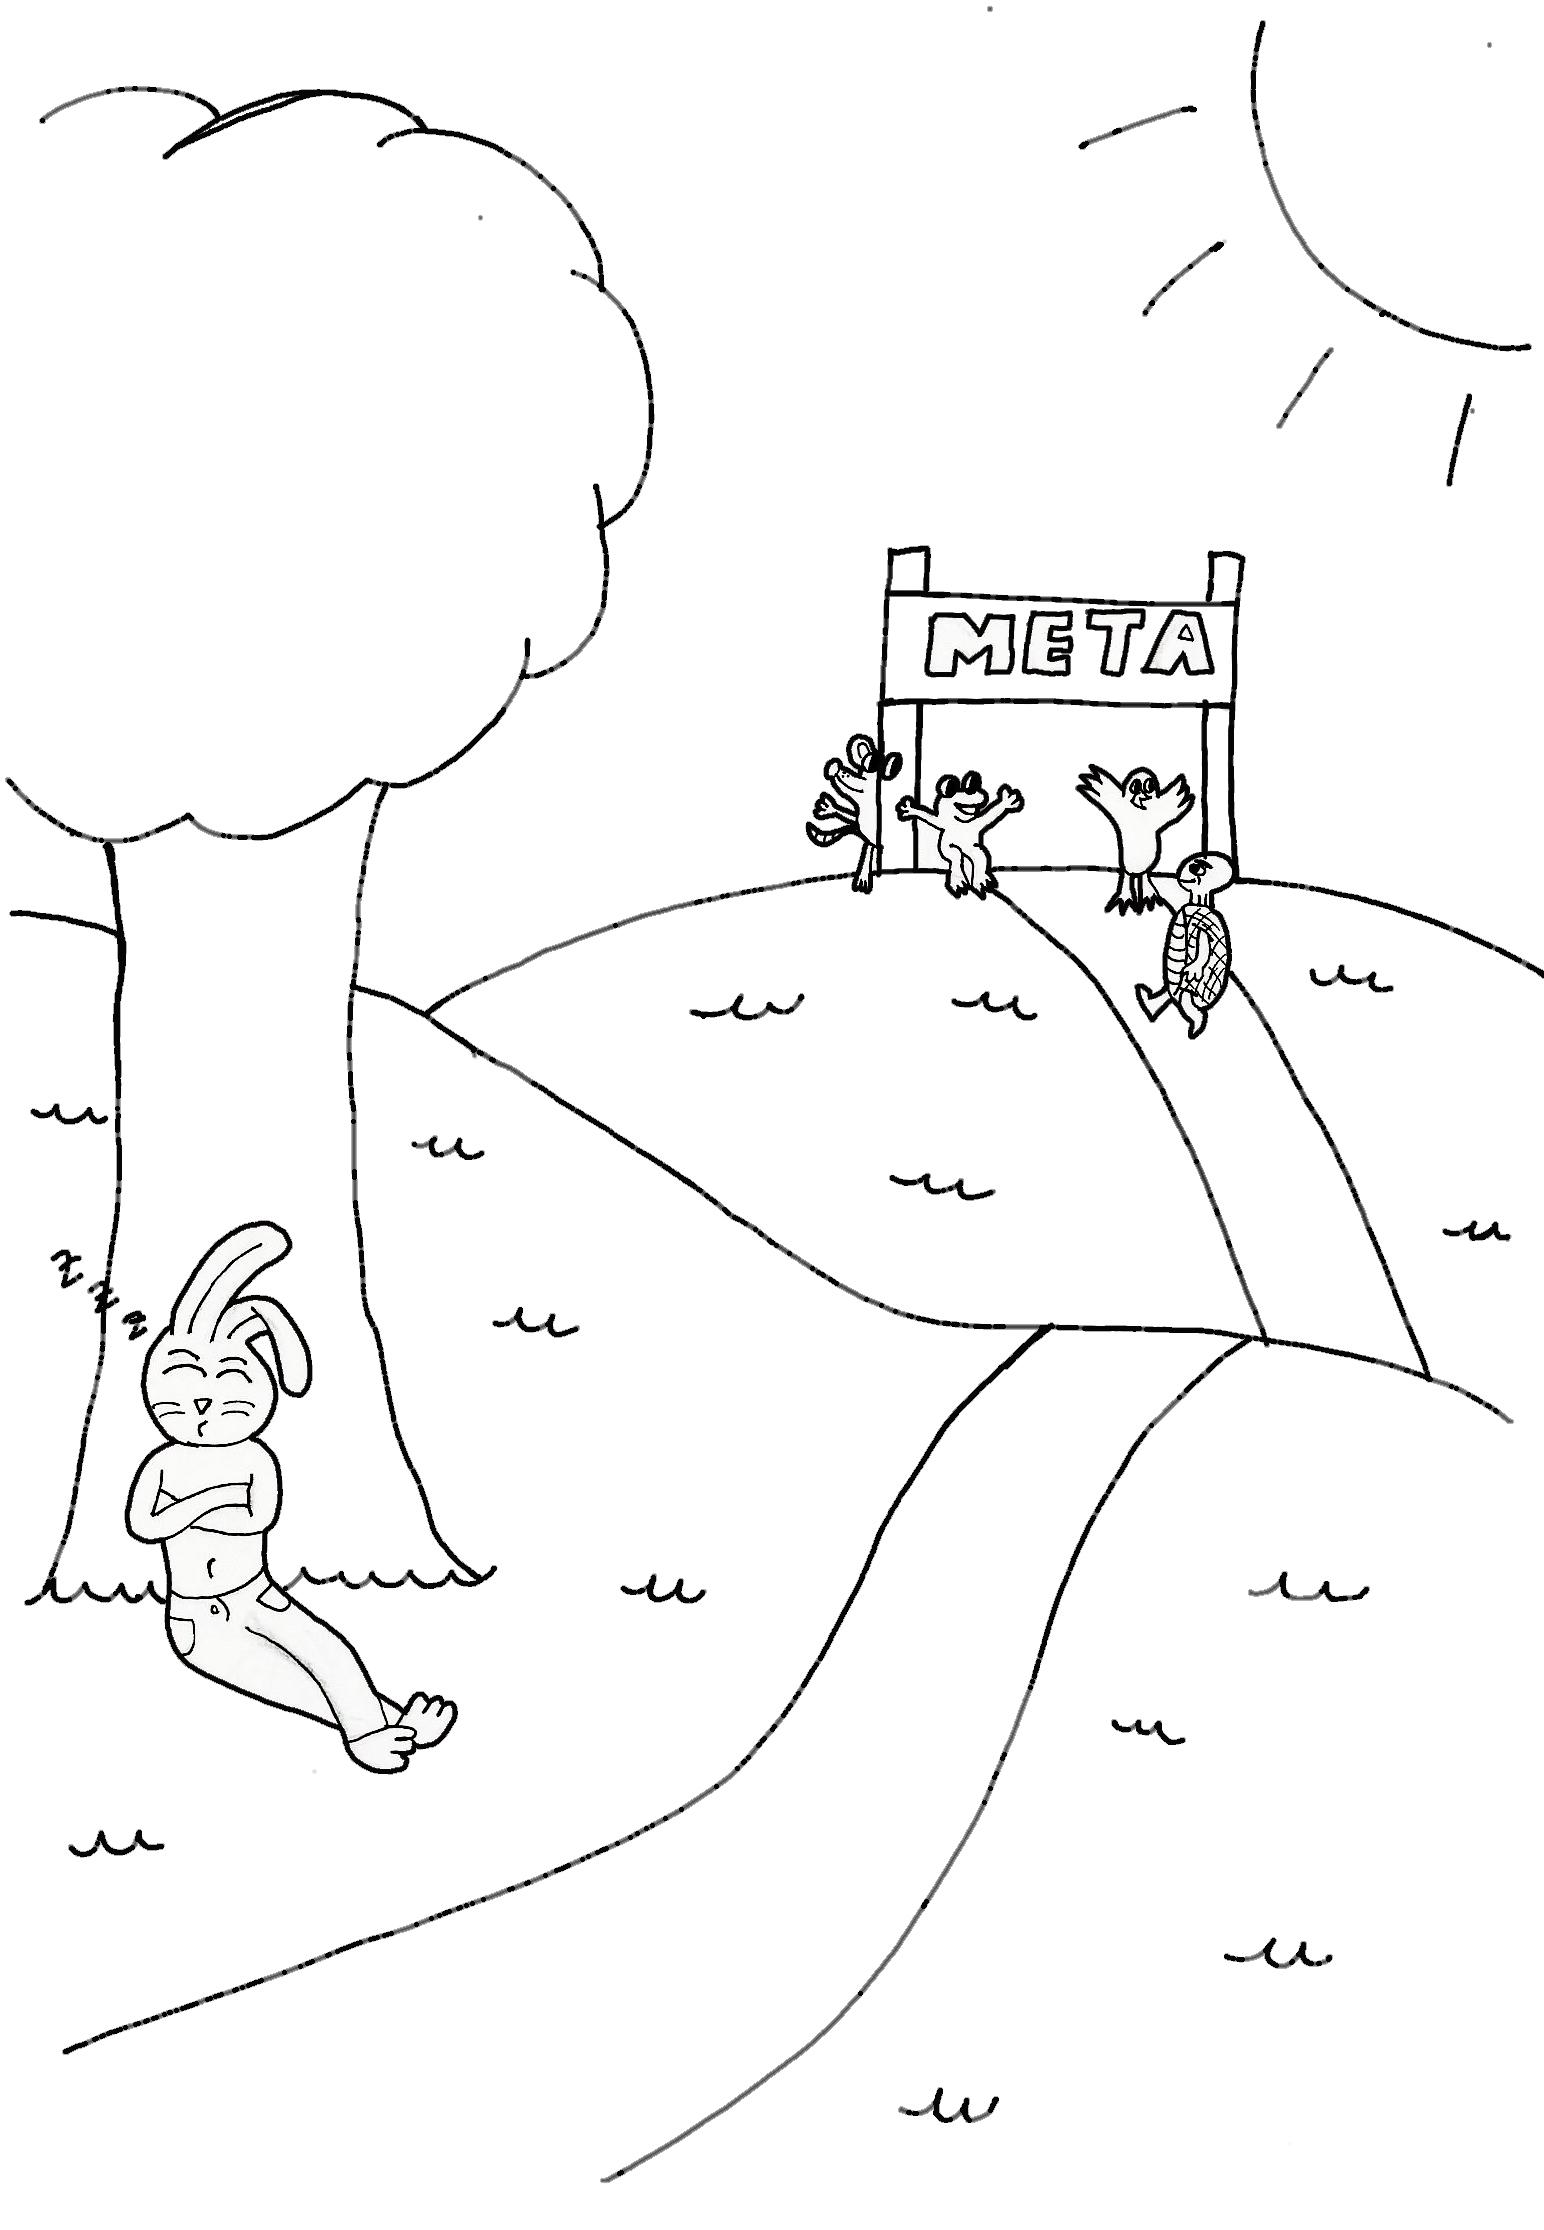 Dibujo La Liebre Y La Tortuga Sos Profes